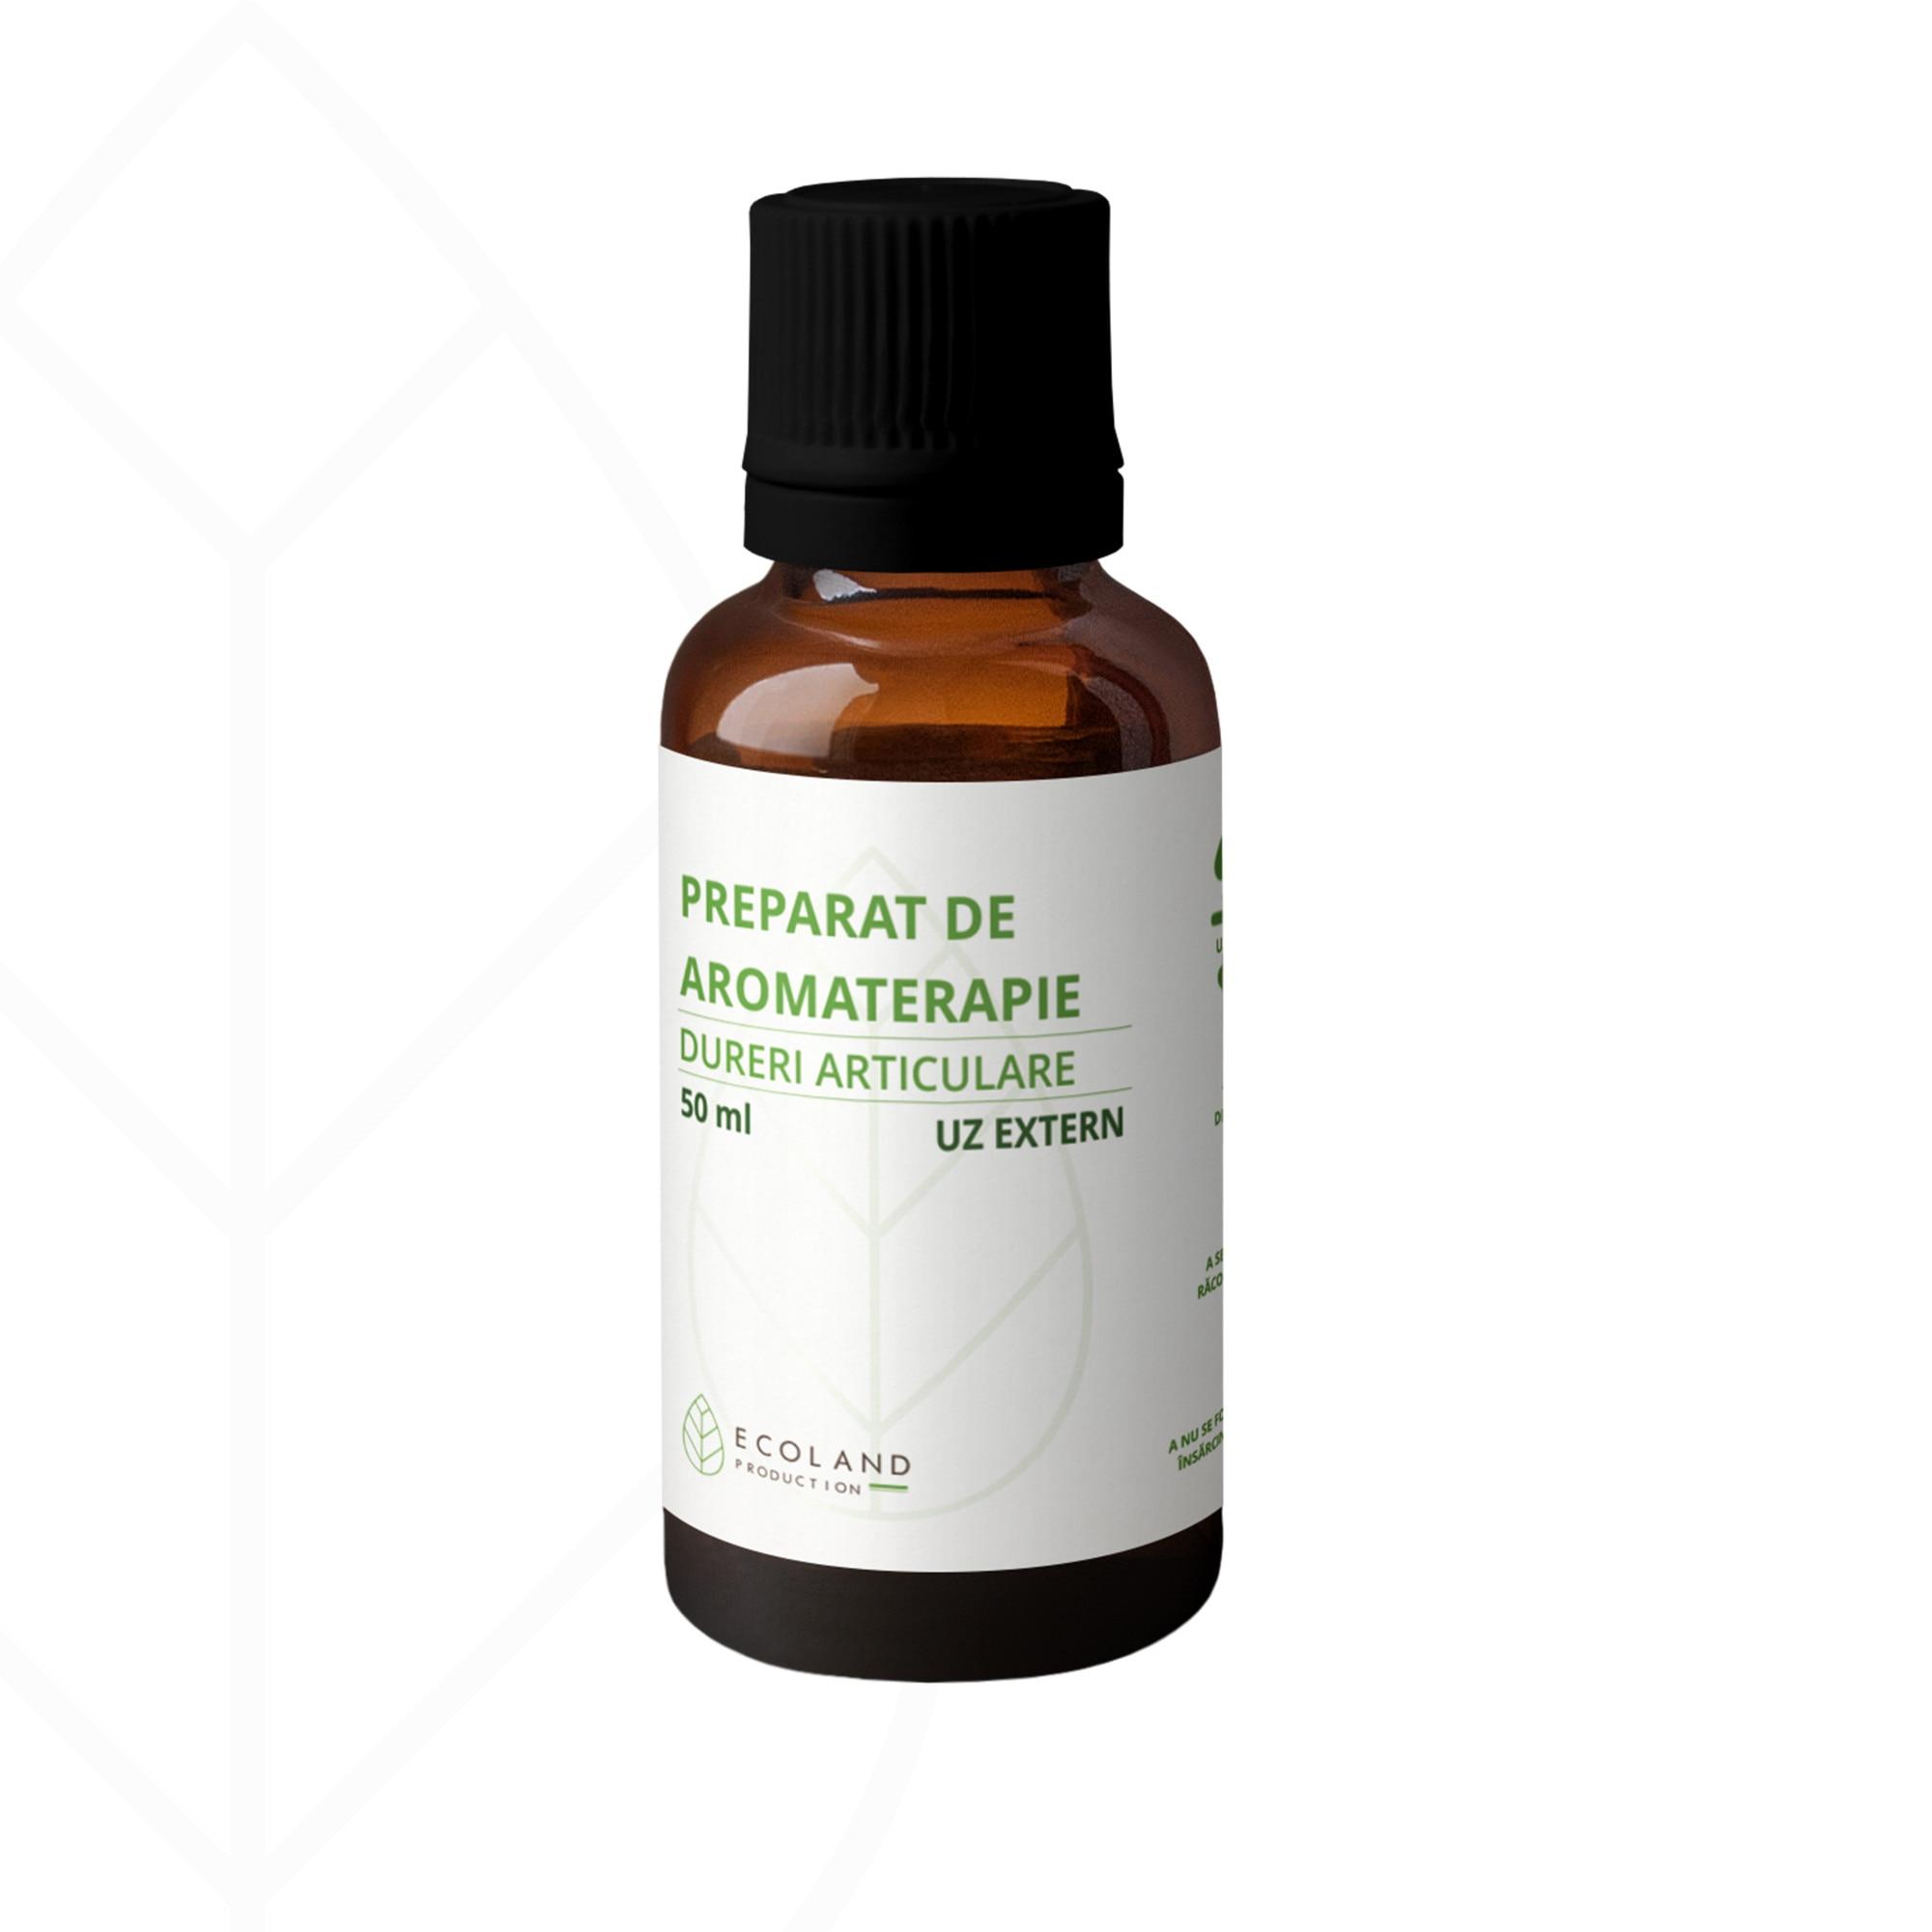 uleiuri pentru aroma durerii articulare)